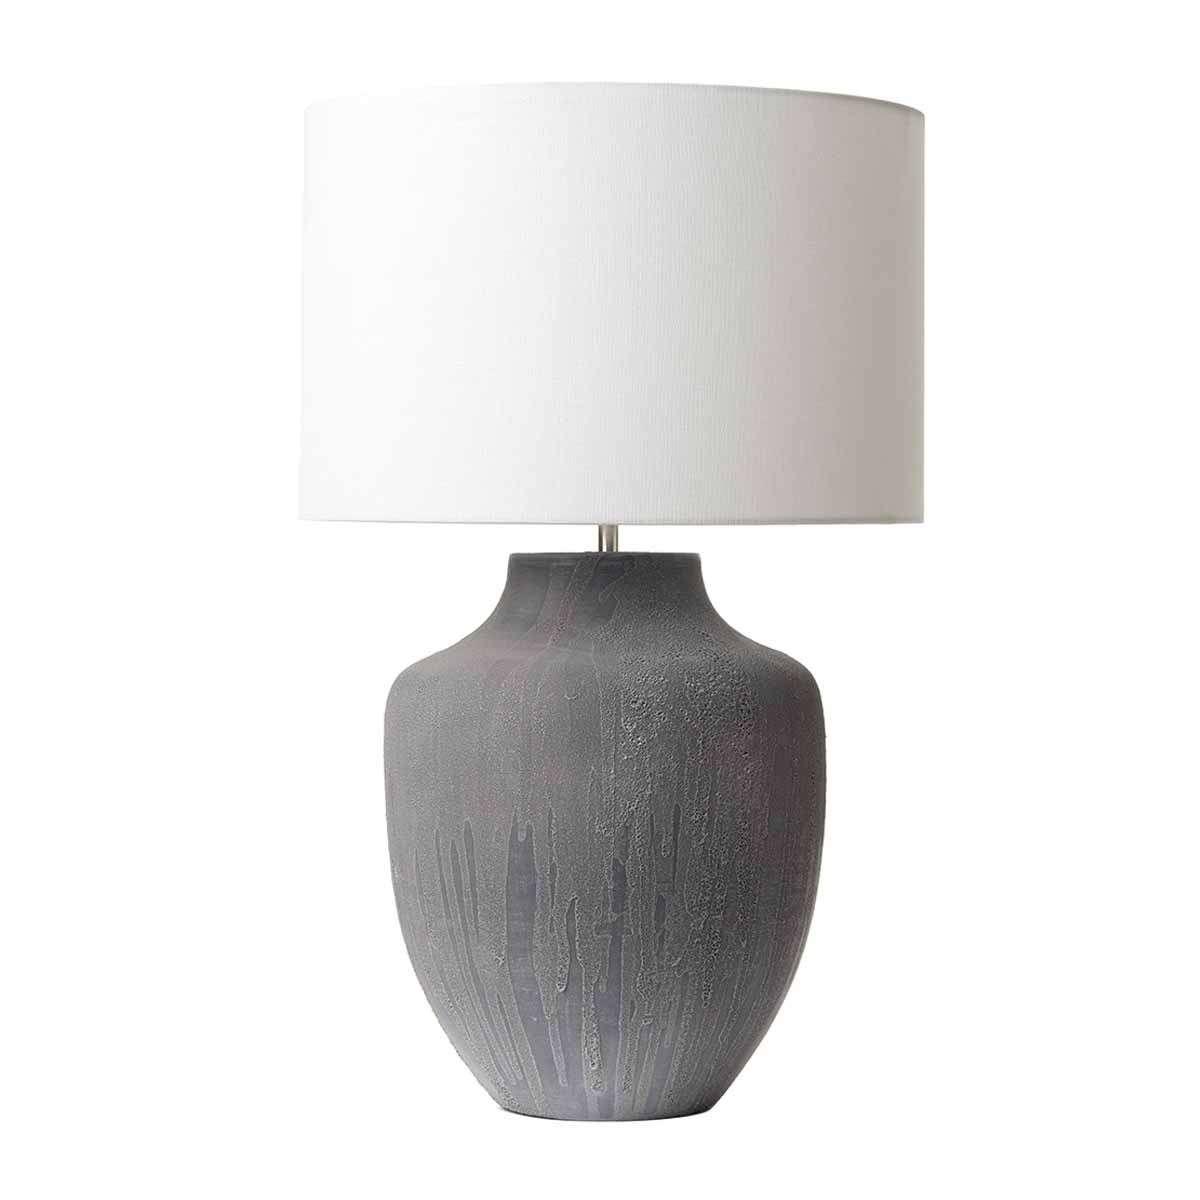 Dar Lighting Udi4239 Udine Table Lamp Grey Base Only Jr Lighting